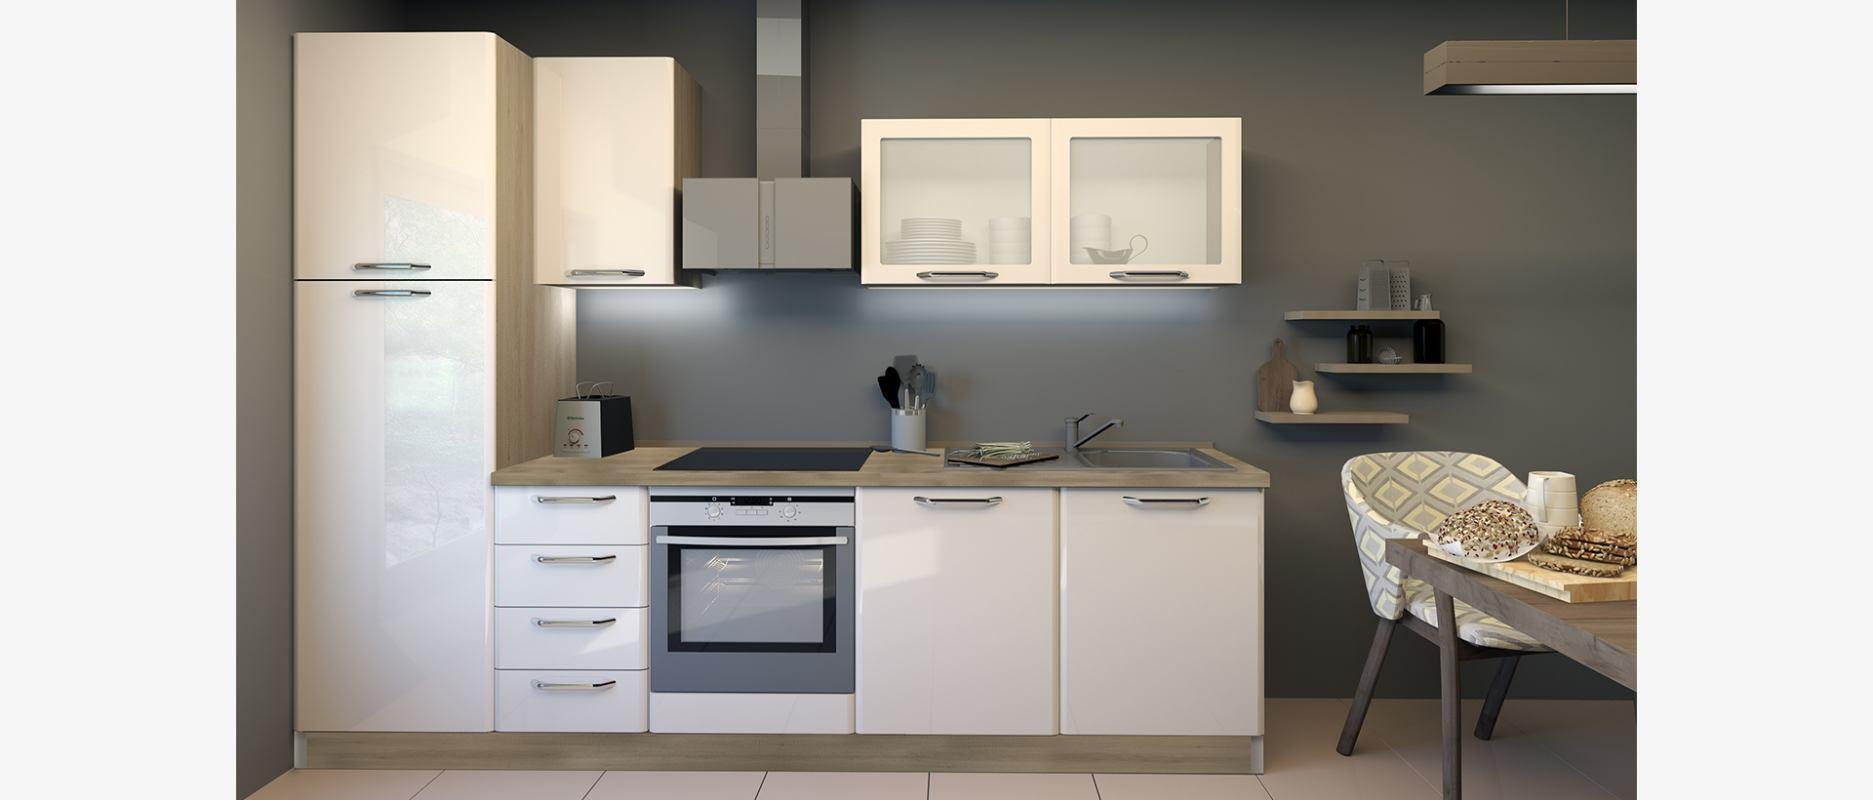 Kuhinja Modern - poklon montaža